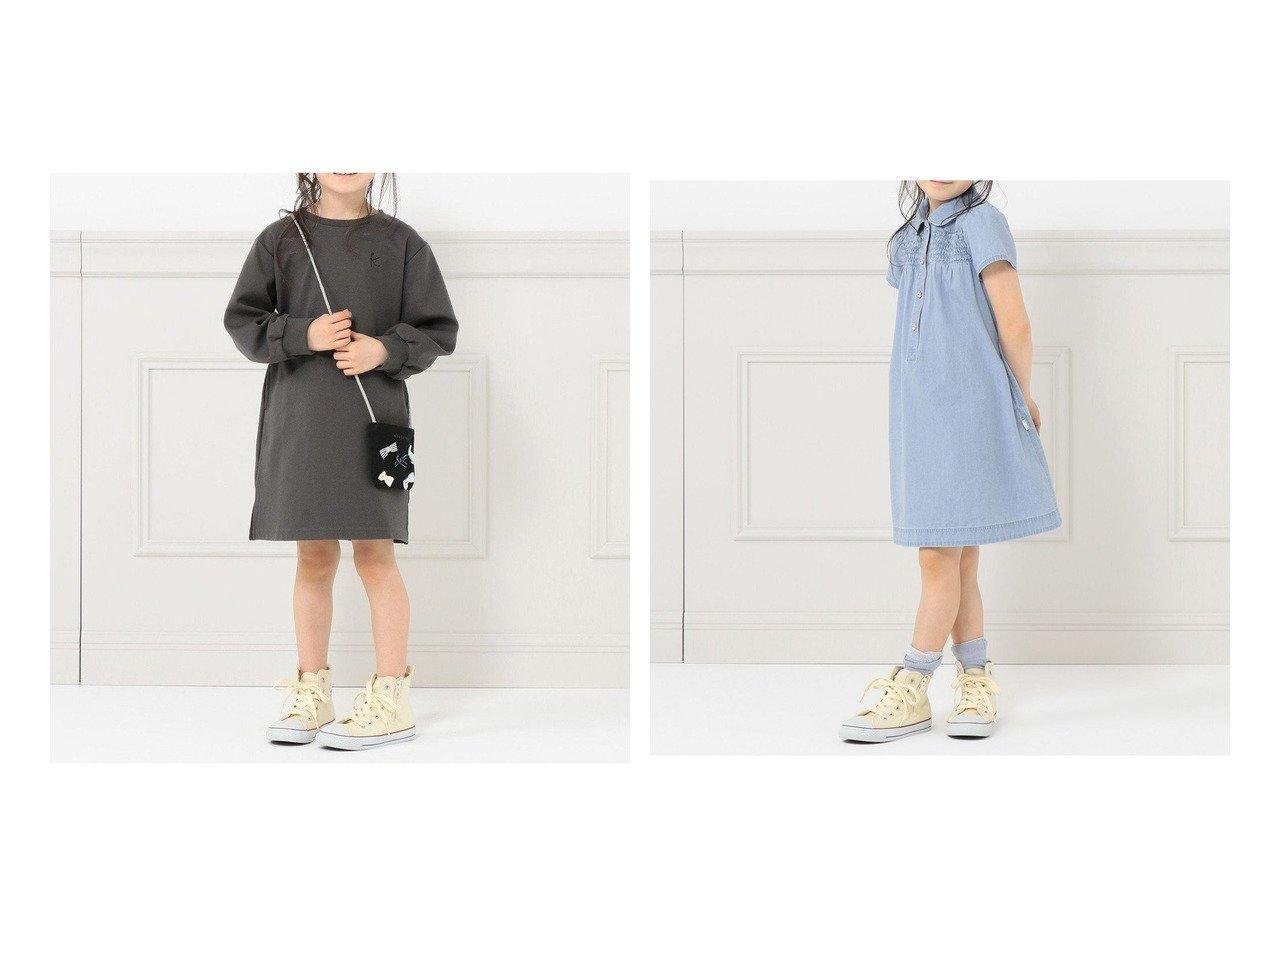 【KUMIKYOKU / KIDS/組曲】の【WEB限定/110-140cm】デニムワンピース&【WEB限定/100-140cm】ポシェット付き ワンピース 【KIDS】子供服のおすすめ!人気トレンド・キッズファッションの通販 おすすめで人気の流行・トレンド、ファッションの通販商品 メンズファッション・キッズファッション・インテリア・家具・レディースファッション・服の通販 founy(ファニー) https://founy.com/ ファッション Fashion キッズファッション KIDS ワンピース Dress/Kids 送料無料 Free Shipping ドレス ポシェット シャーリング デニム |ID:crp329100000030735